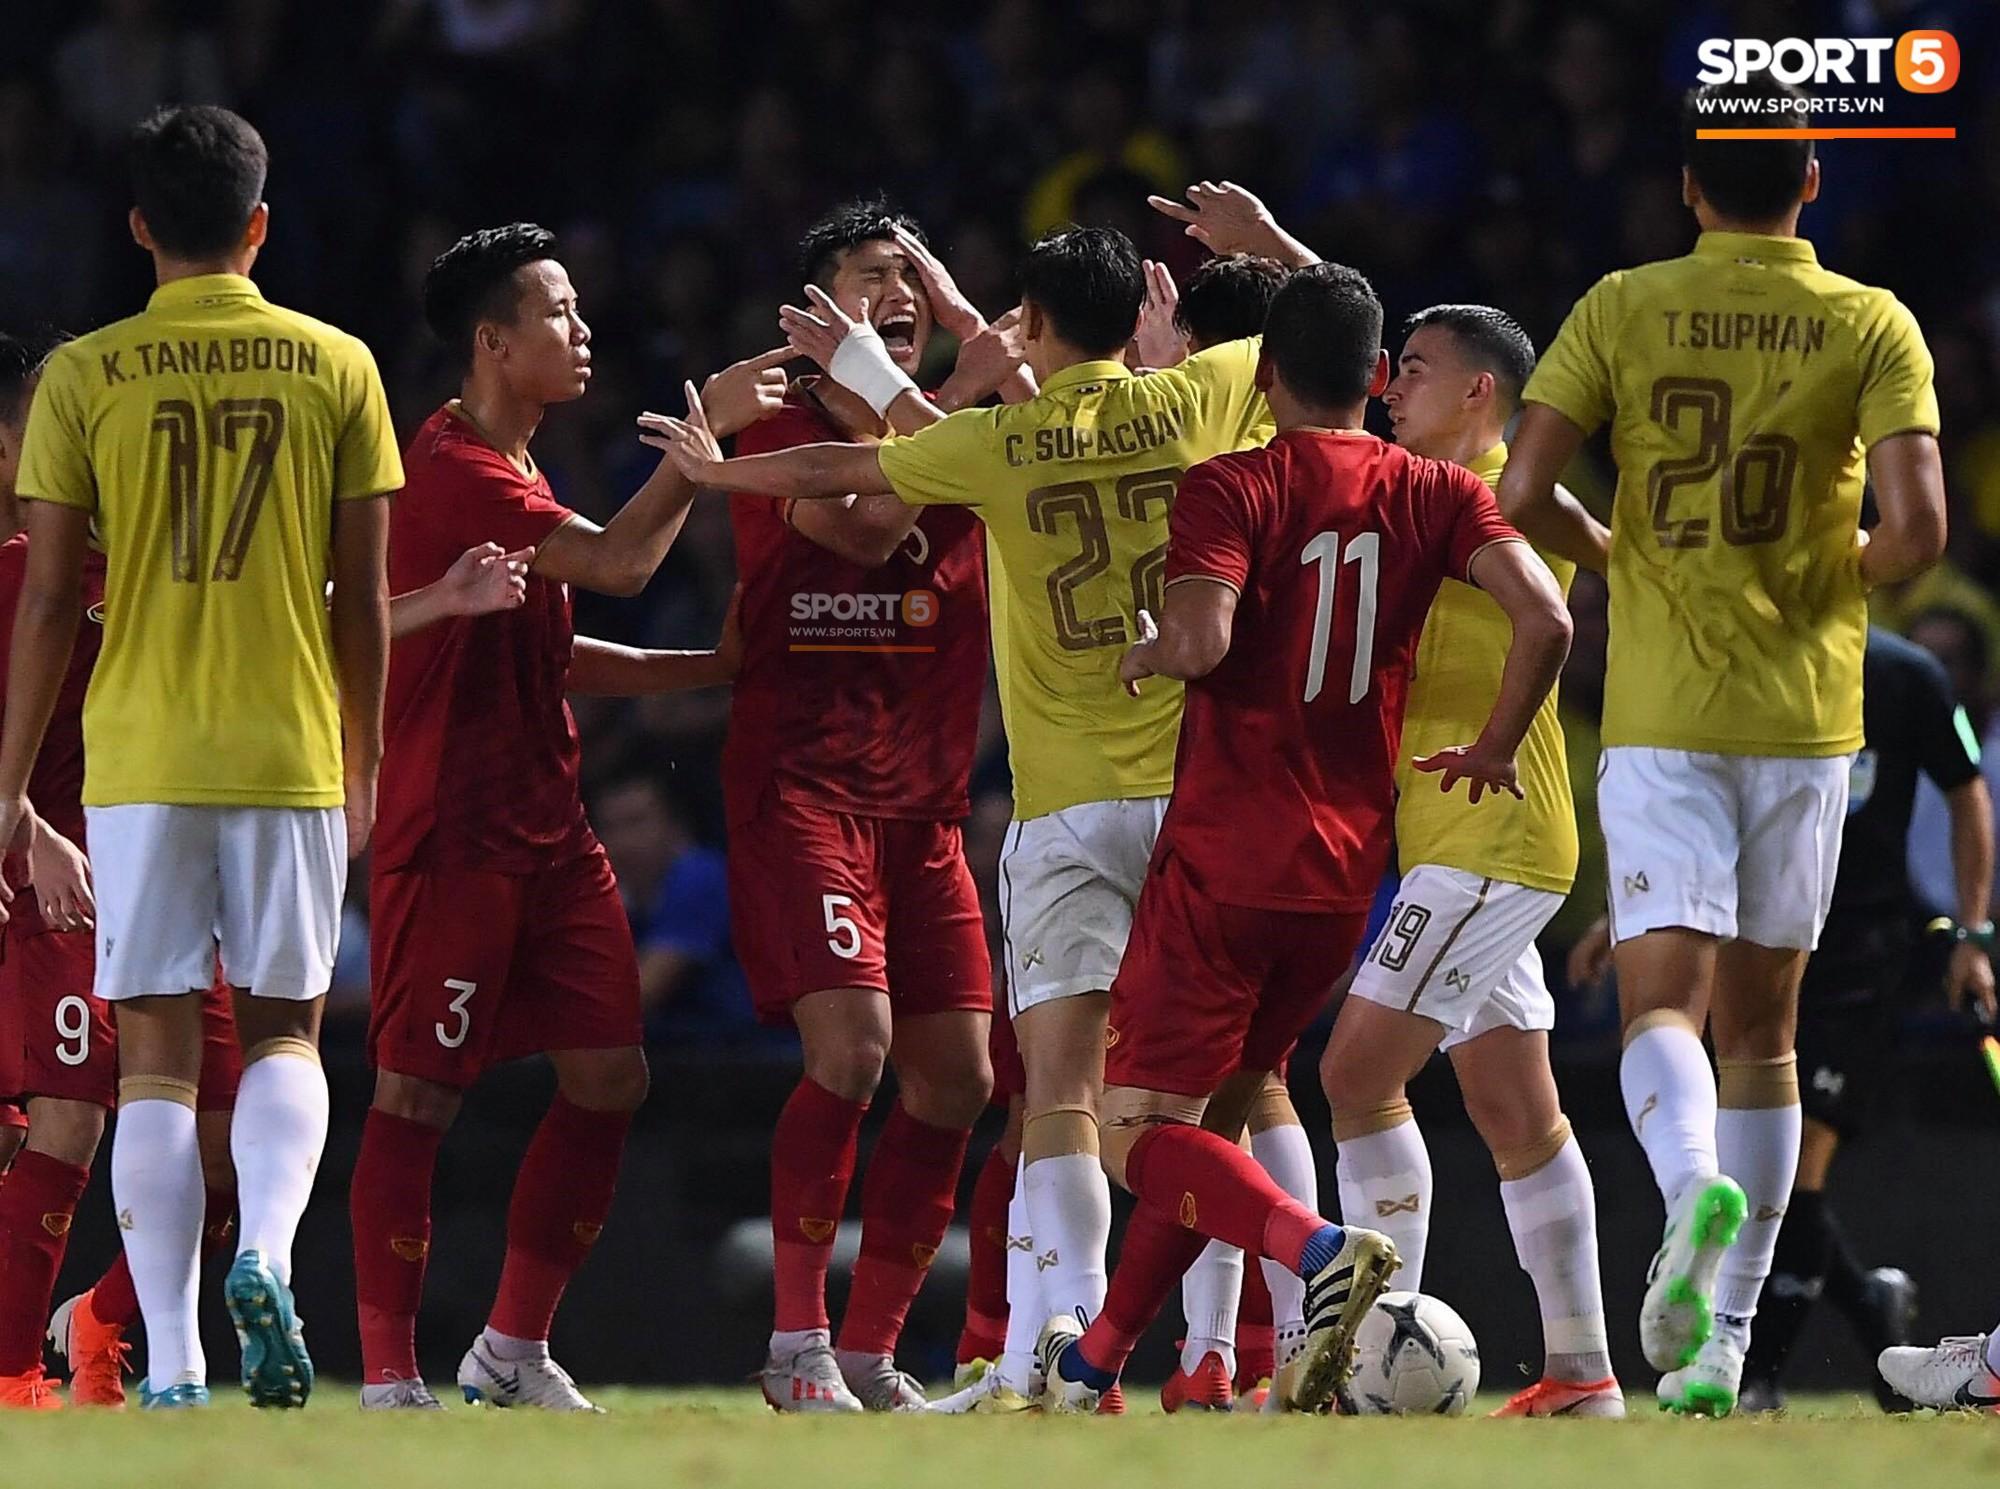 Messi Thái Lan chính thức lên tiếng xin lỗi Đoàn Văn Hậu và toàn thể CĐV Việt Nam - Ảnh 1.